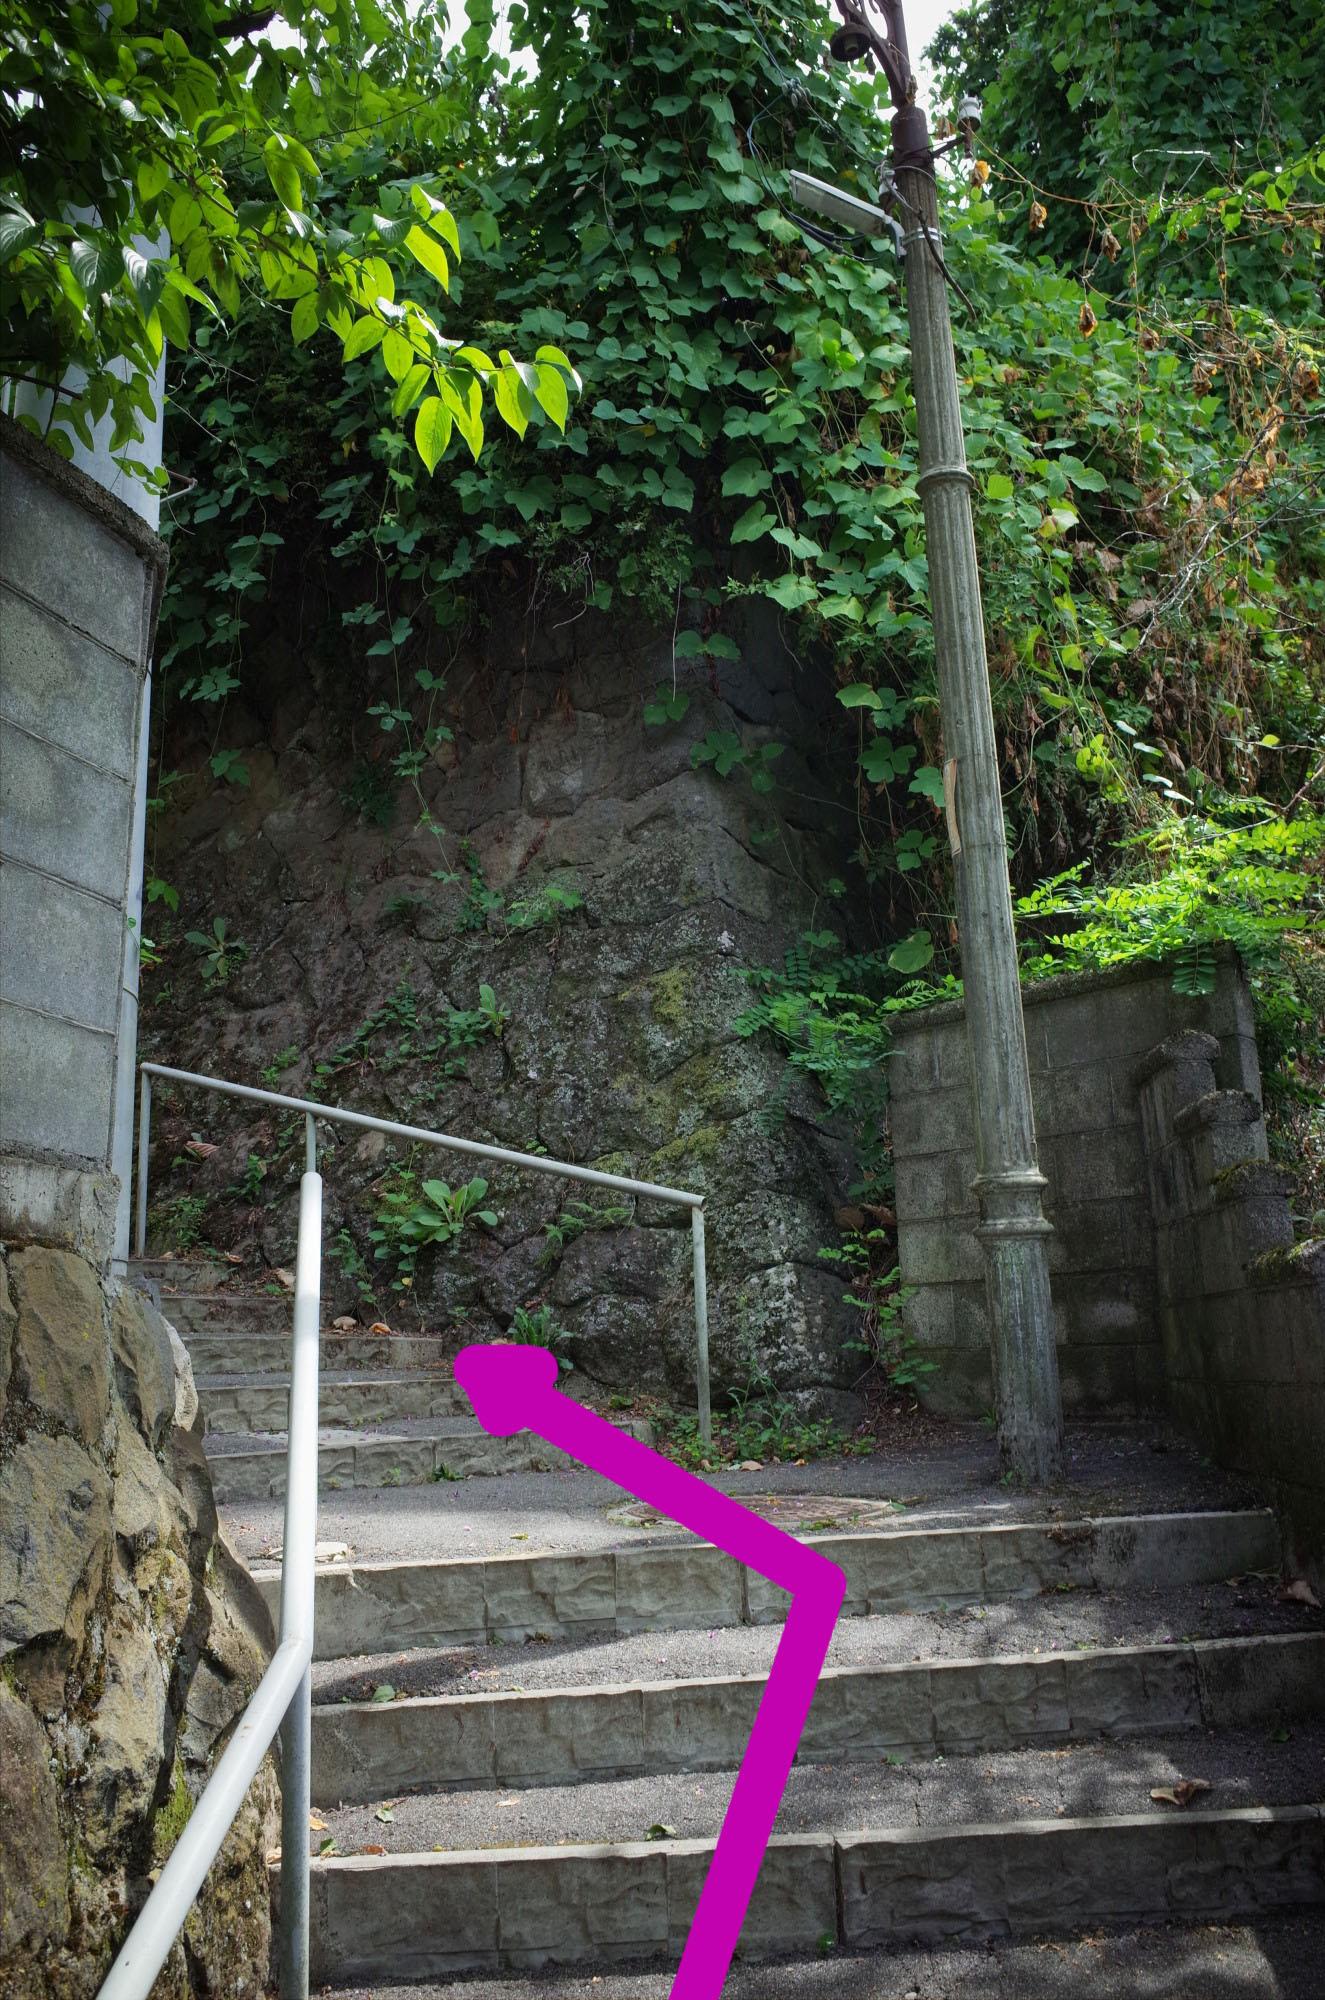 がんばれ階段 レトロな街灯